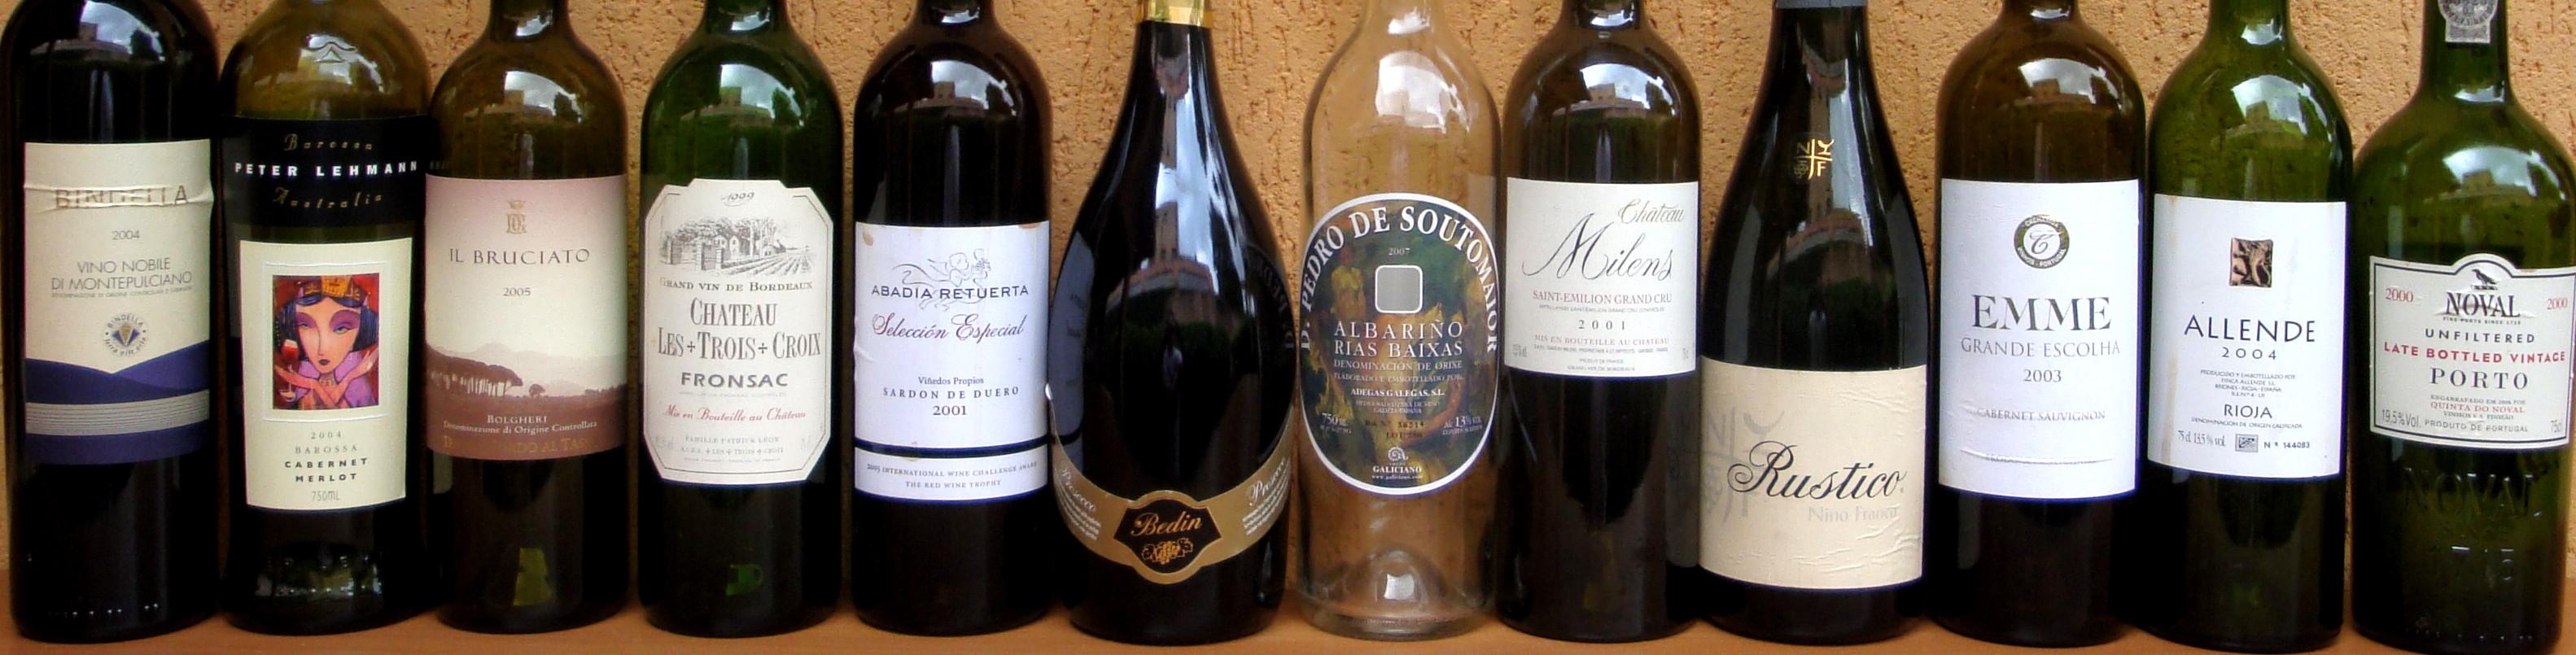 vinhos-de-aniversario-008